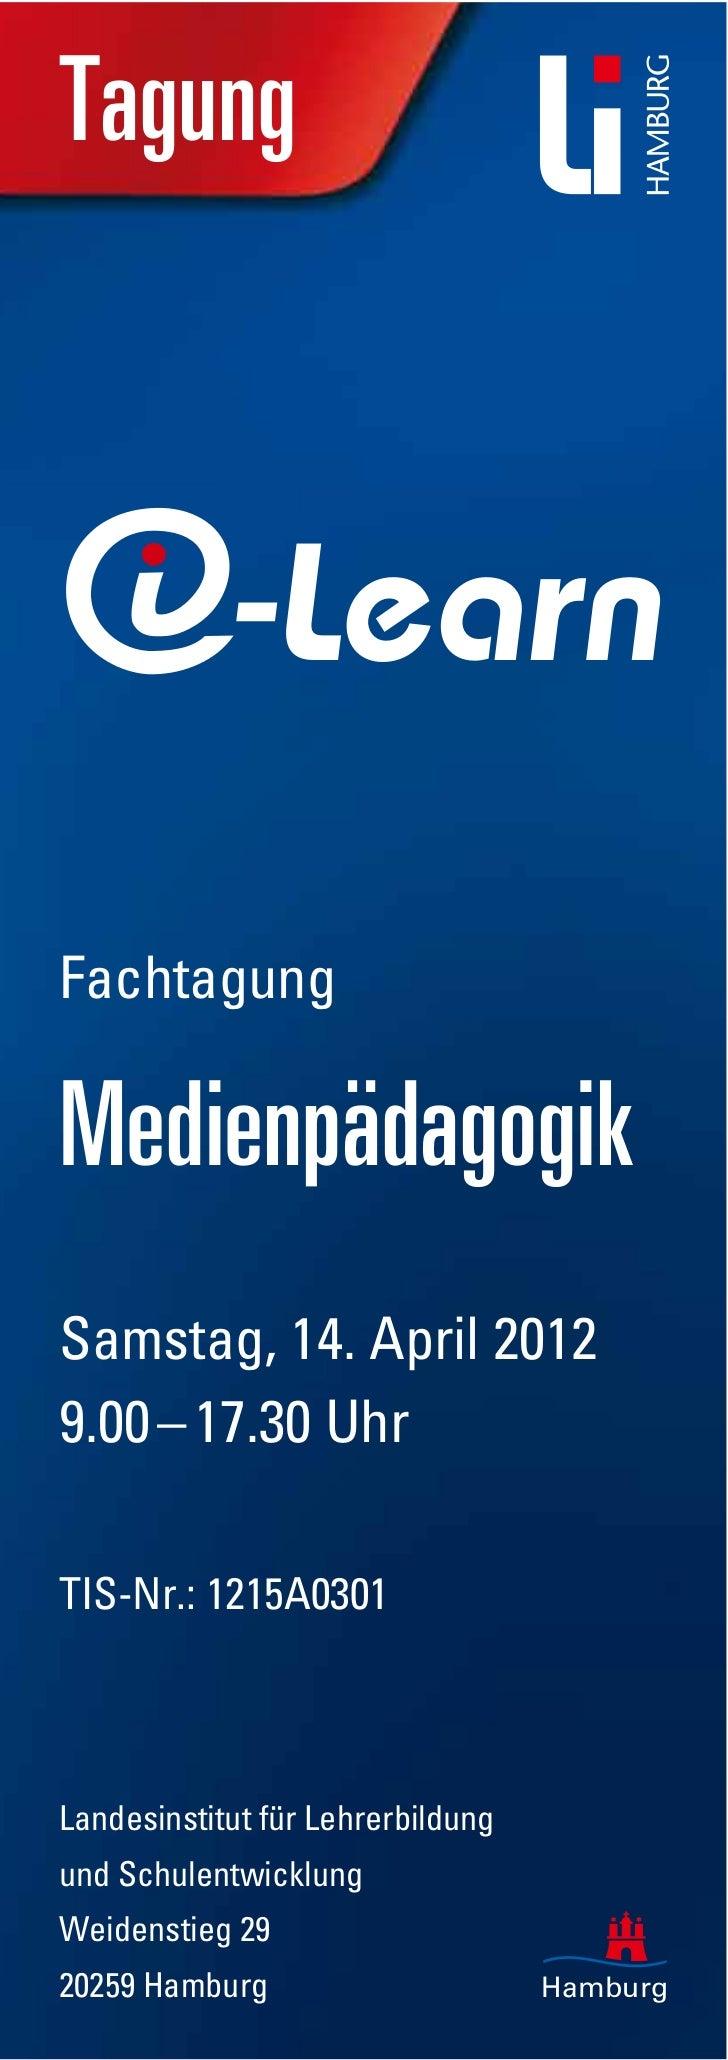 Tagung                 LearnFachtagungMedienpädagogikSamstag, 14. April 20129.00 – 17.30 UhrTIS-Nr.: 1215A0301Landesinstit...